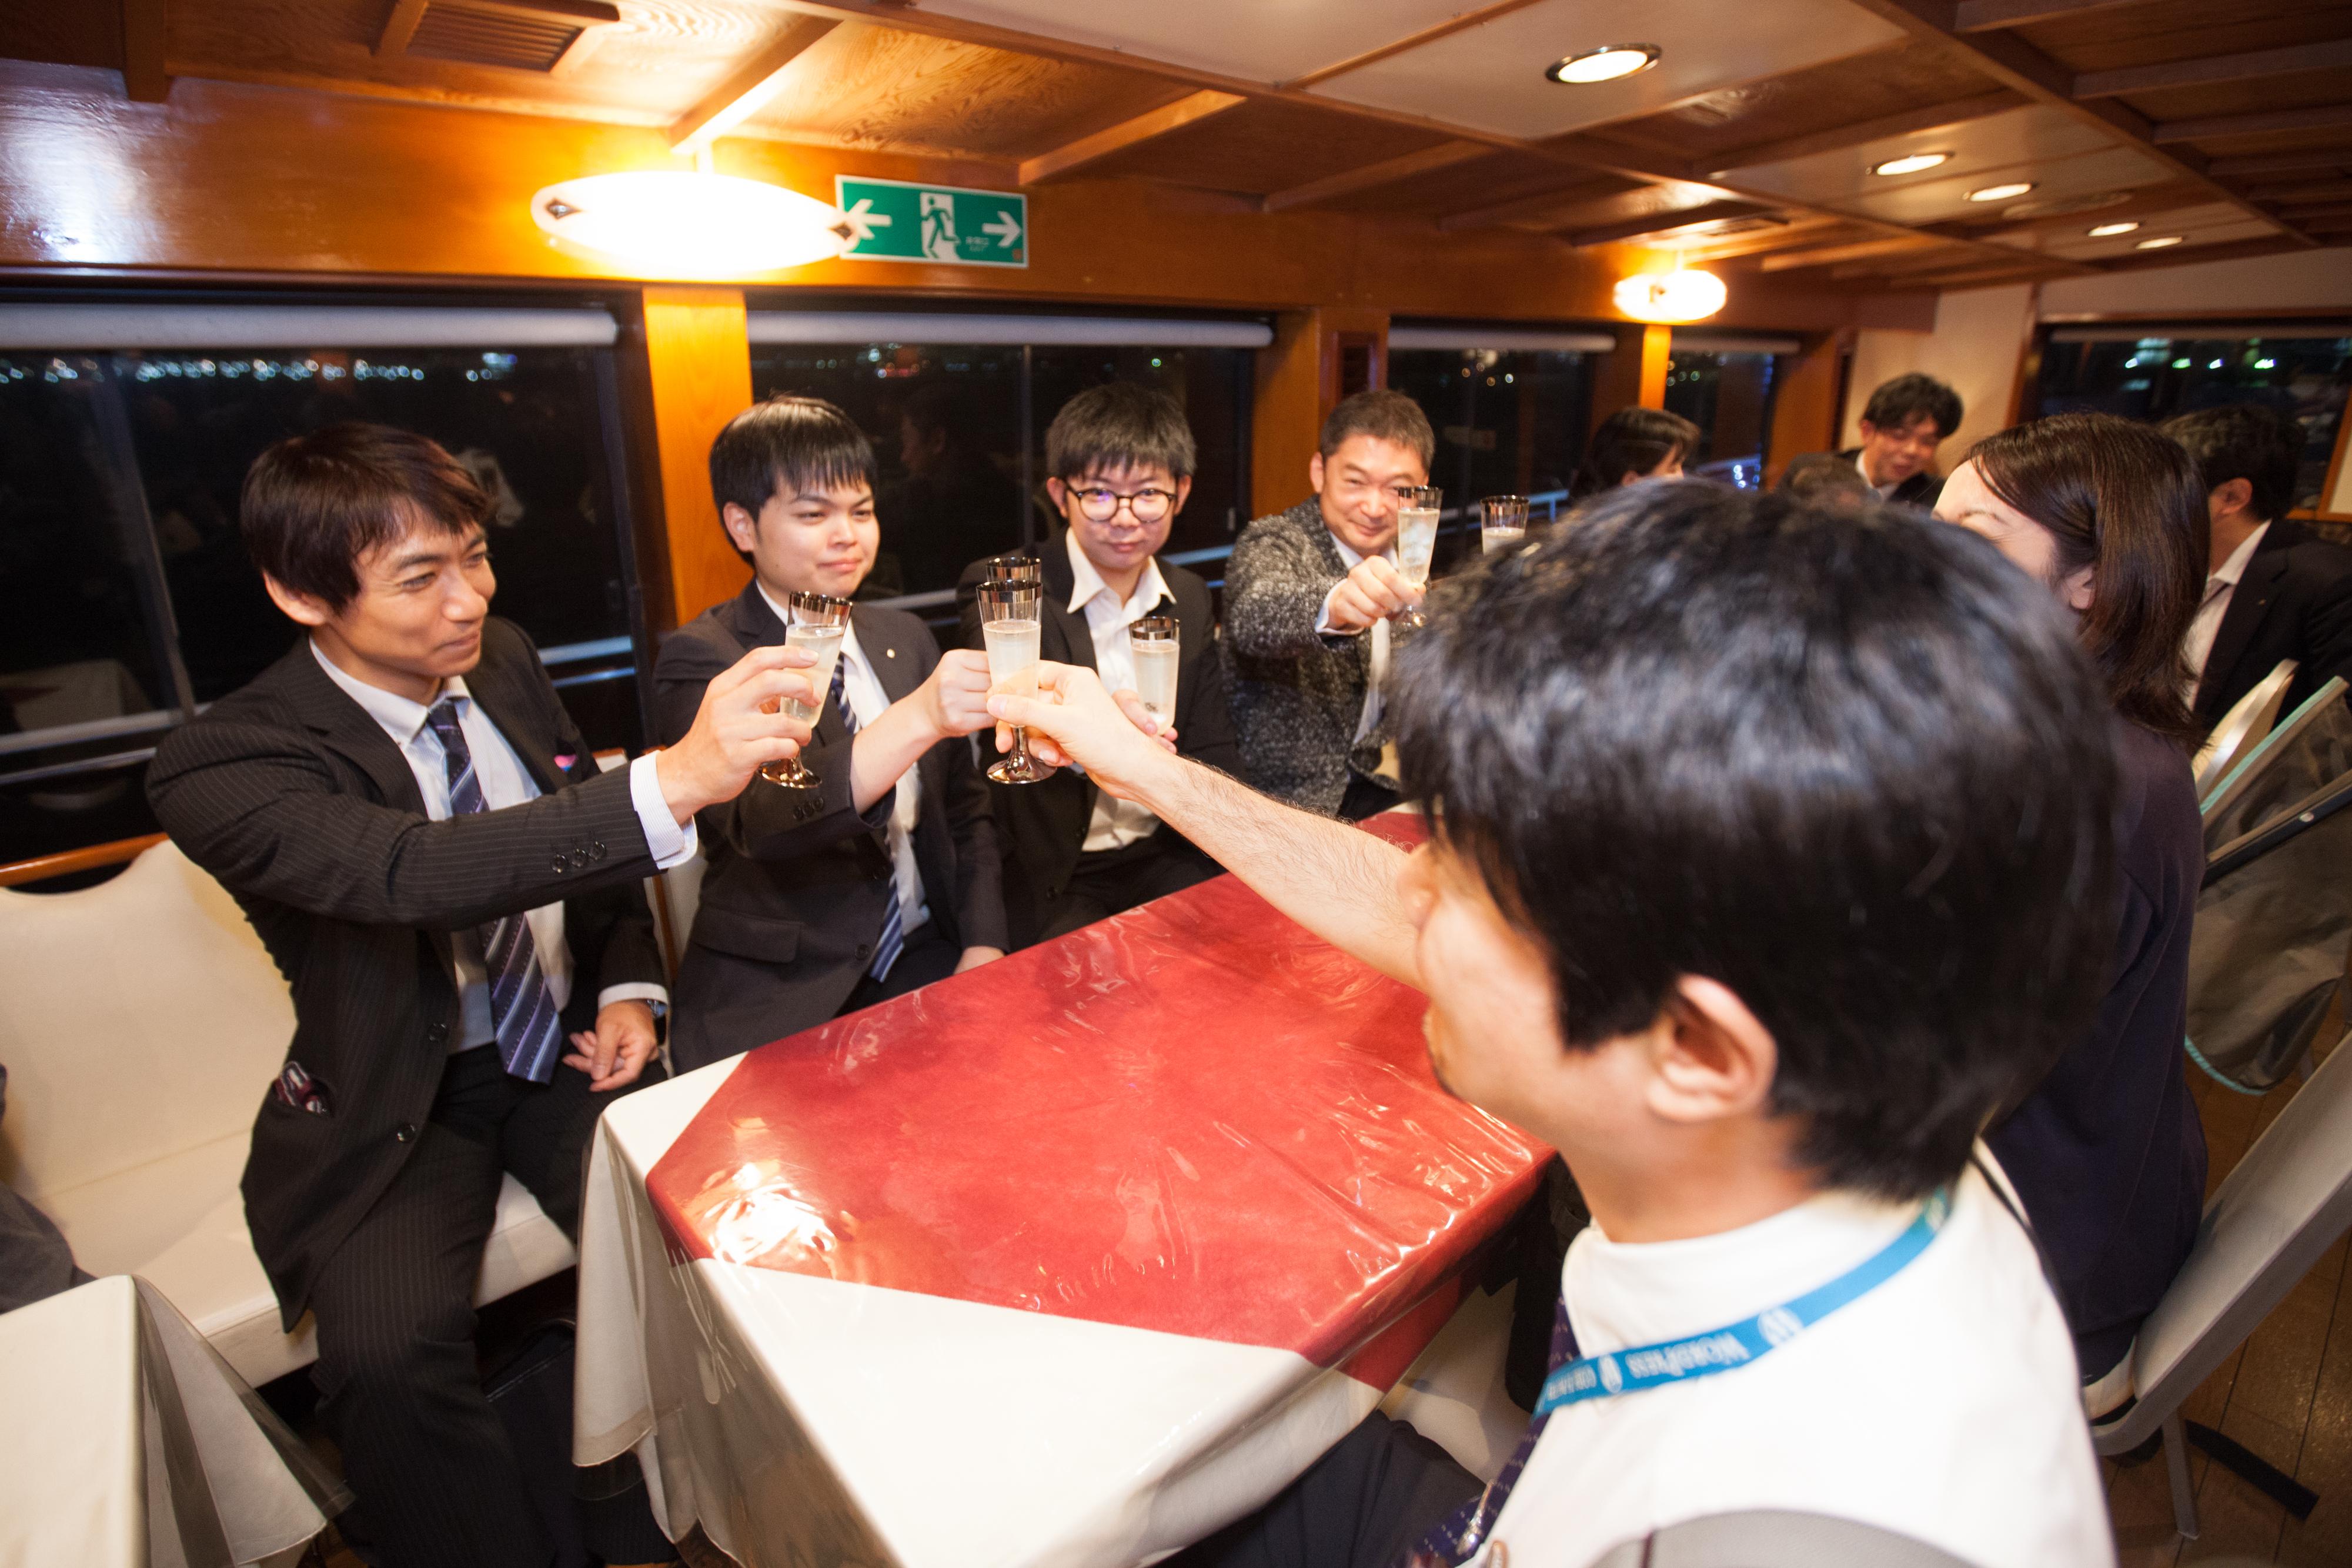 船内で乾杯するシーン